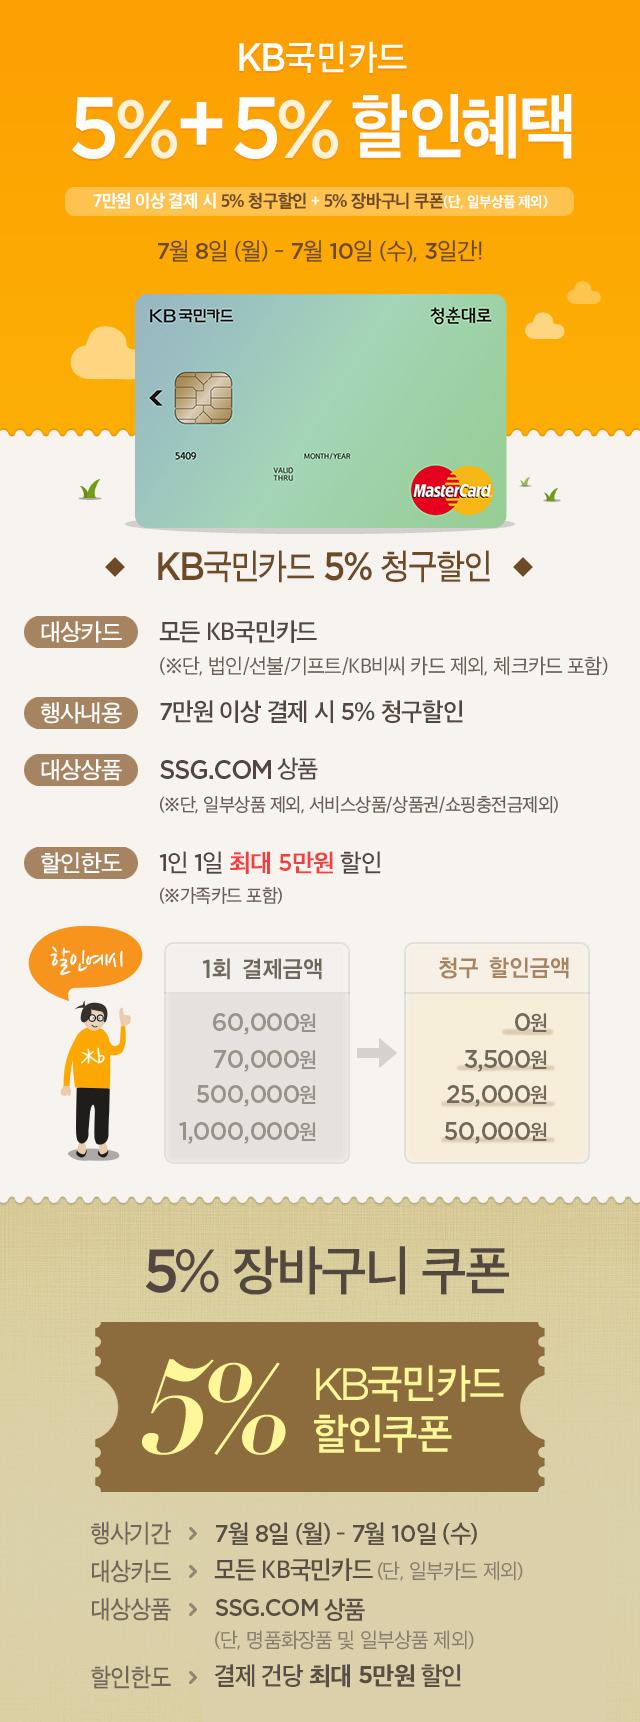 b661d3872d5 KB국민카드 7만원이상 결제 시 5% 청구할인 + 5% 쿠폰